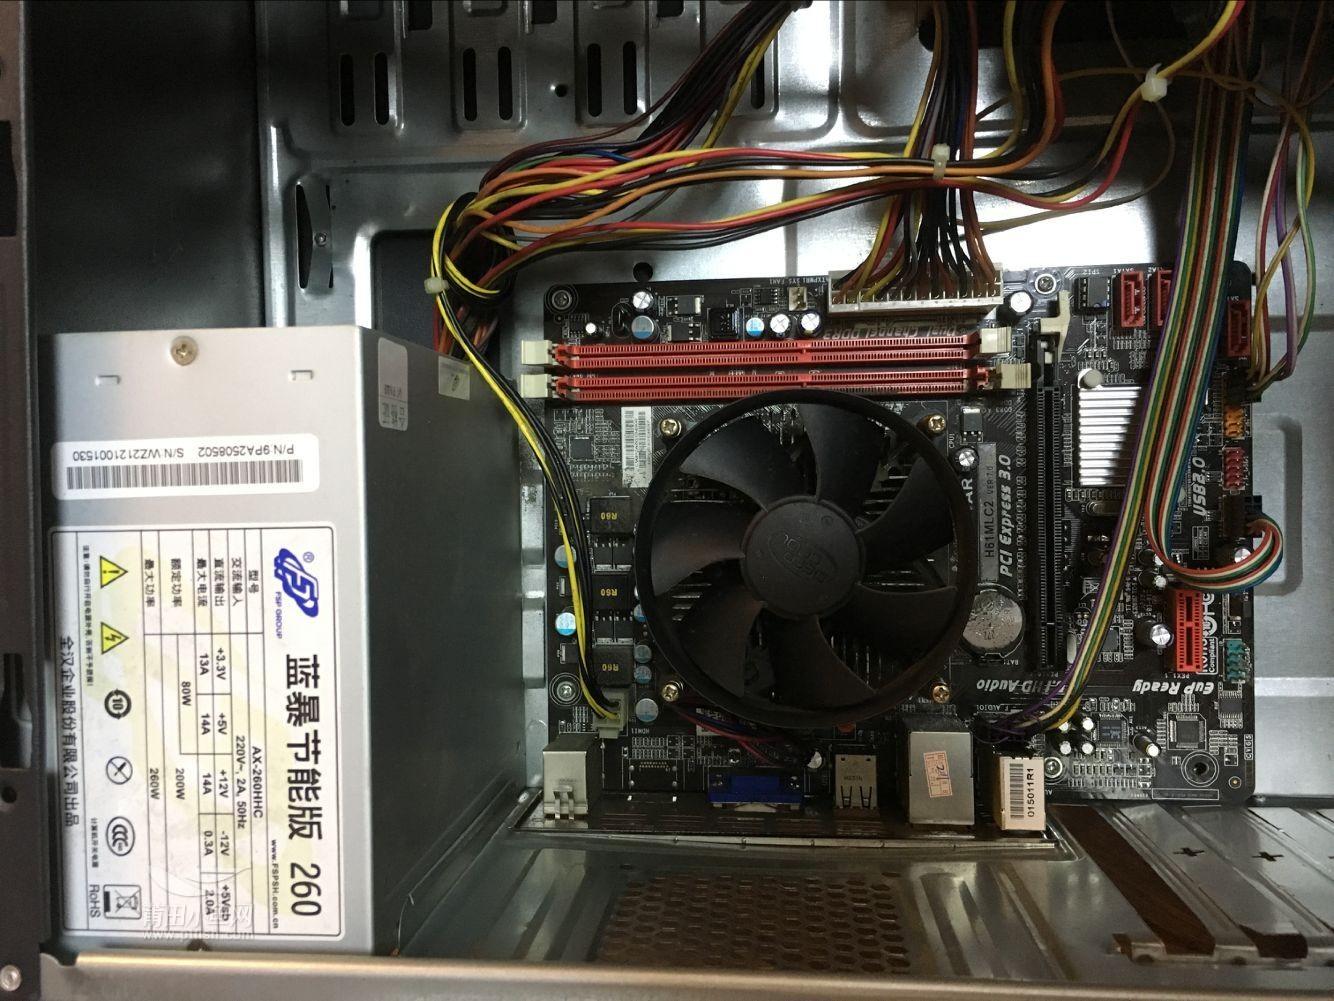 两台英特尔奔腾g645 cpu映泰h61主板的主机,功能完好,无cpu和内存,一台150元。等于买二手cpu的价白赠主板机箱电源了,花300多买个128g的ssd和4g内存回去当客服机绝对够用了 冠捷19寸底座丢了的显示器,功能都正常,就是底座丢了,回去找个东西固定一下就能用了,就一台,80元 坐标黄石 微信/qq 705570538 莆田地区DX光纤猫和d-link dir616路由器一个,打包150功能都正常去年买的